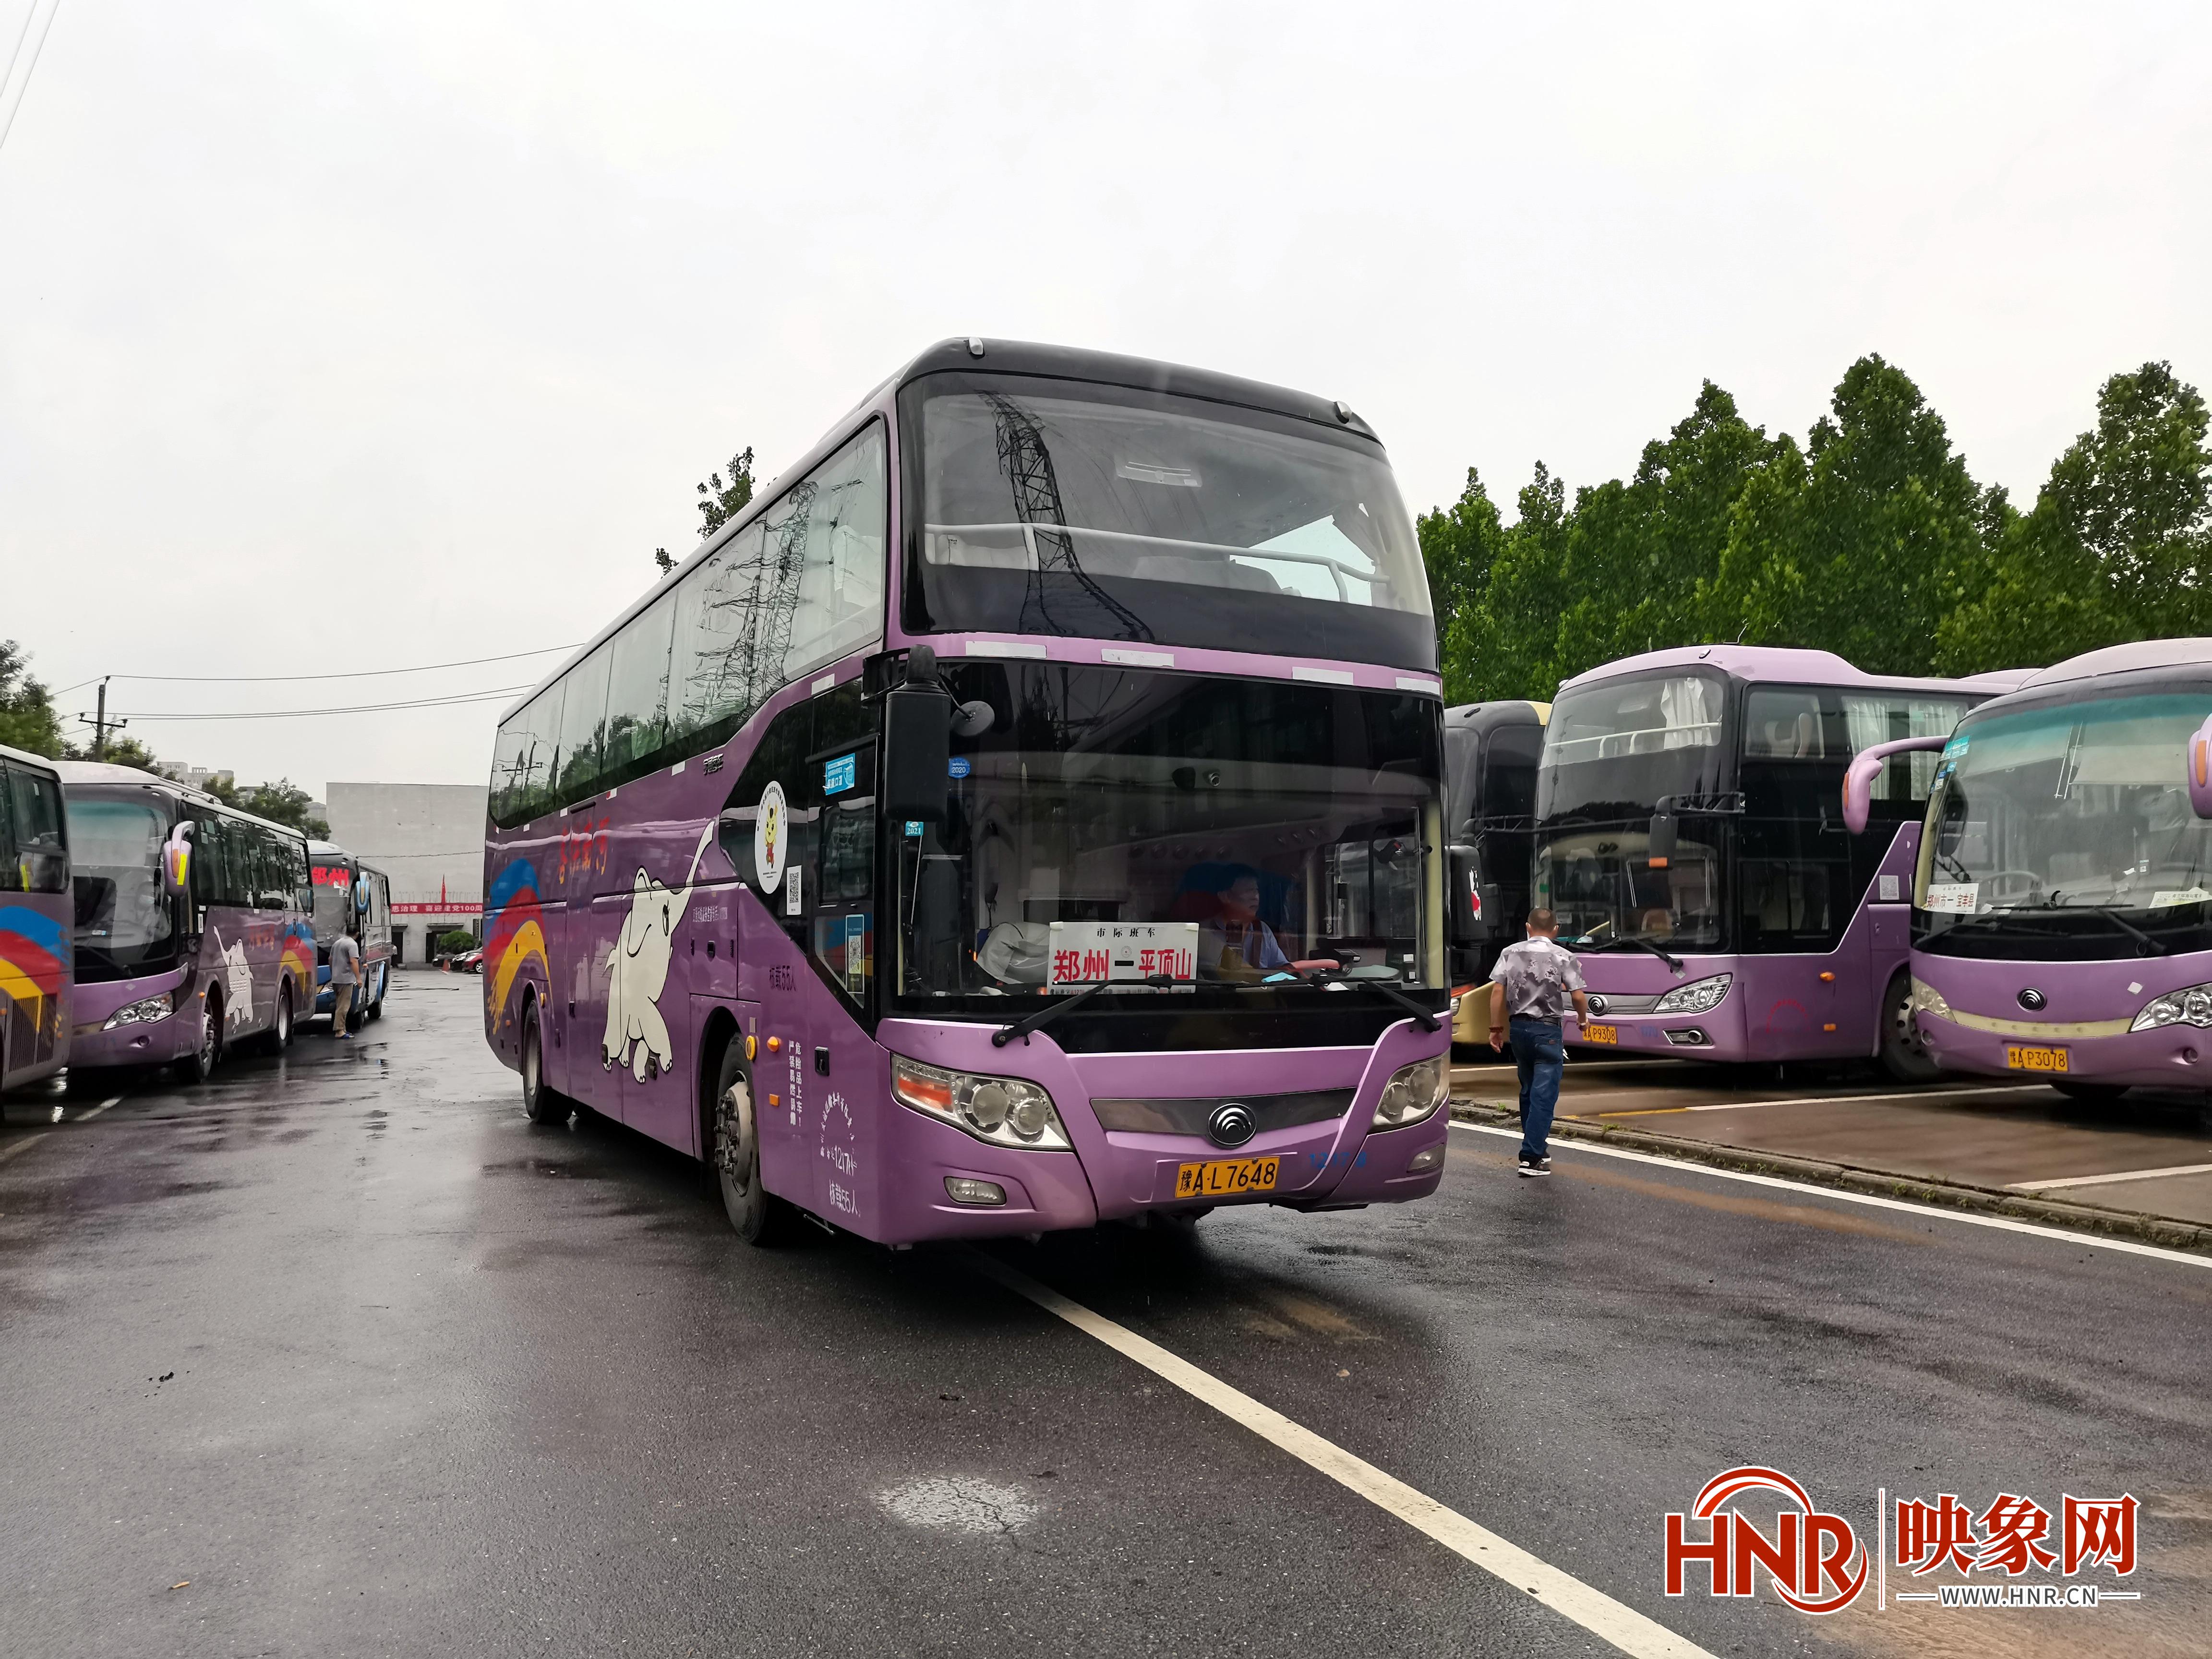 郑州交运集团各汽车站恢复客运线路395条 少林寺、温县等16条线路暂未恢复